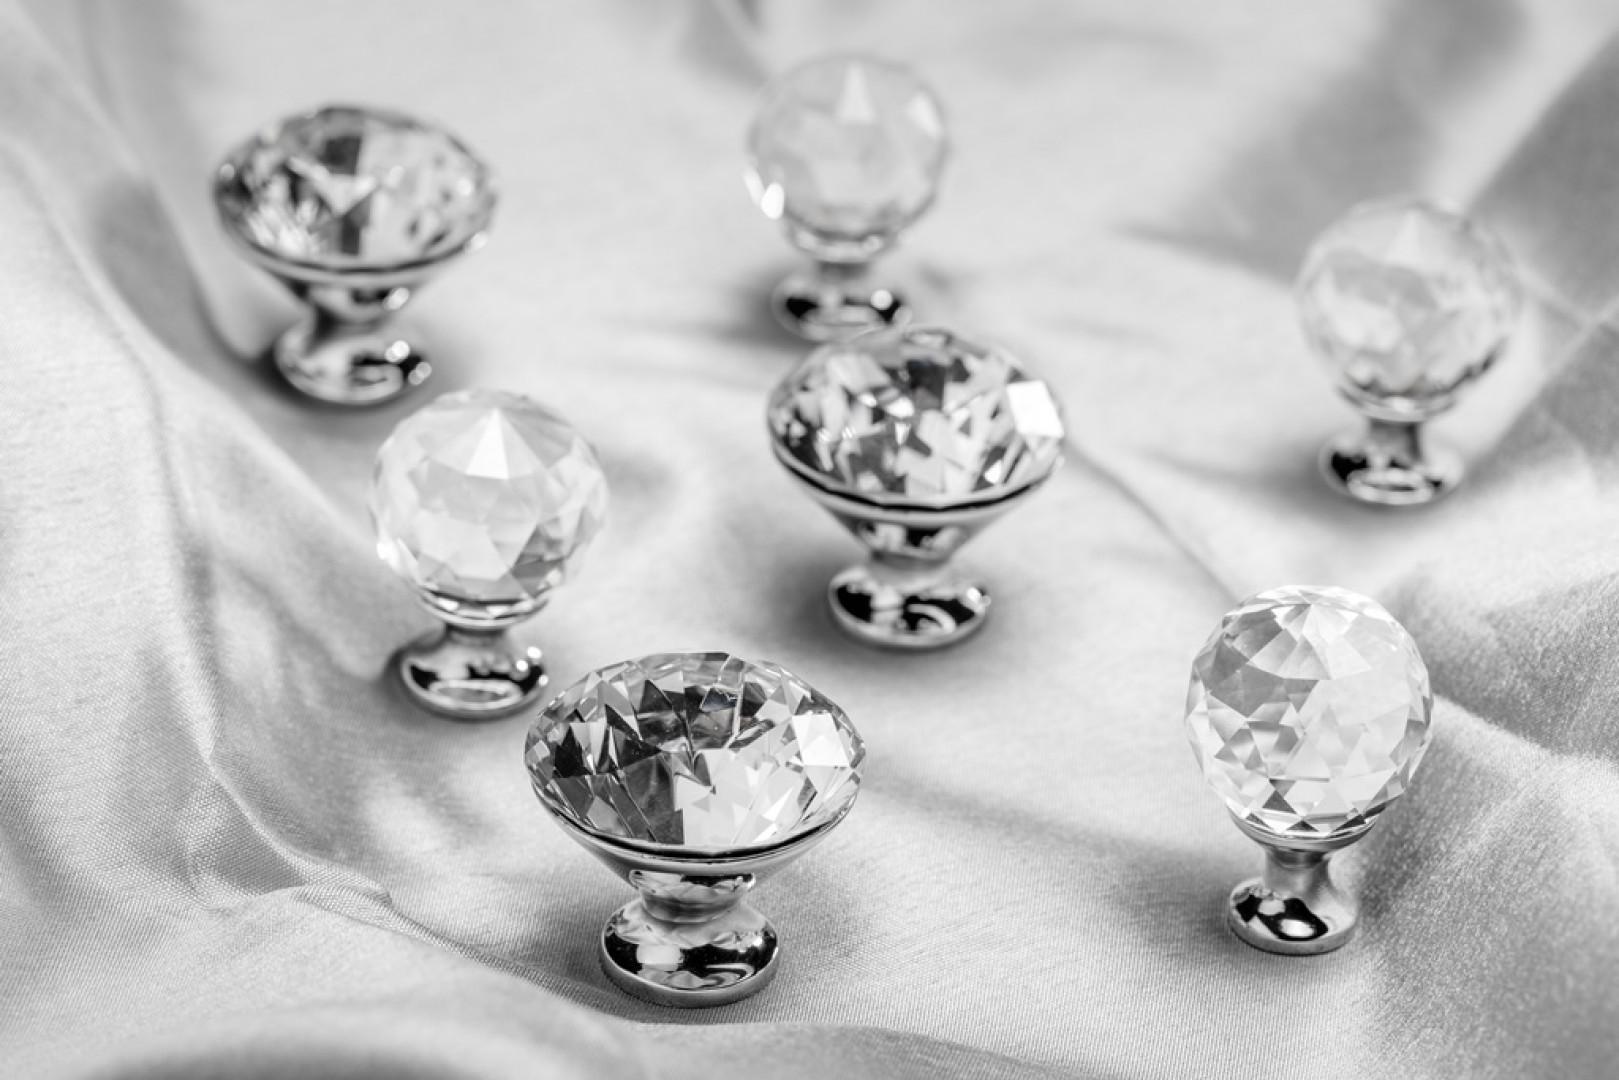 Gałki meblowe zdobione kryształami. Fot. GTV